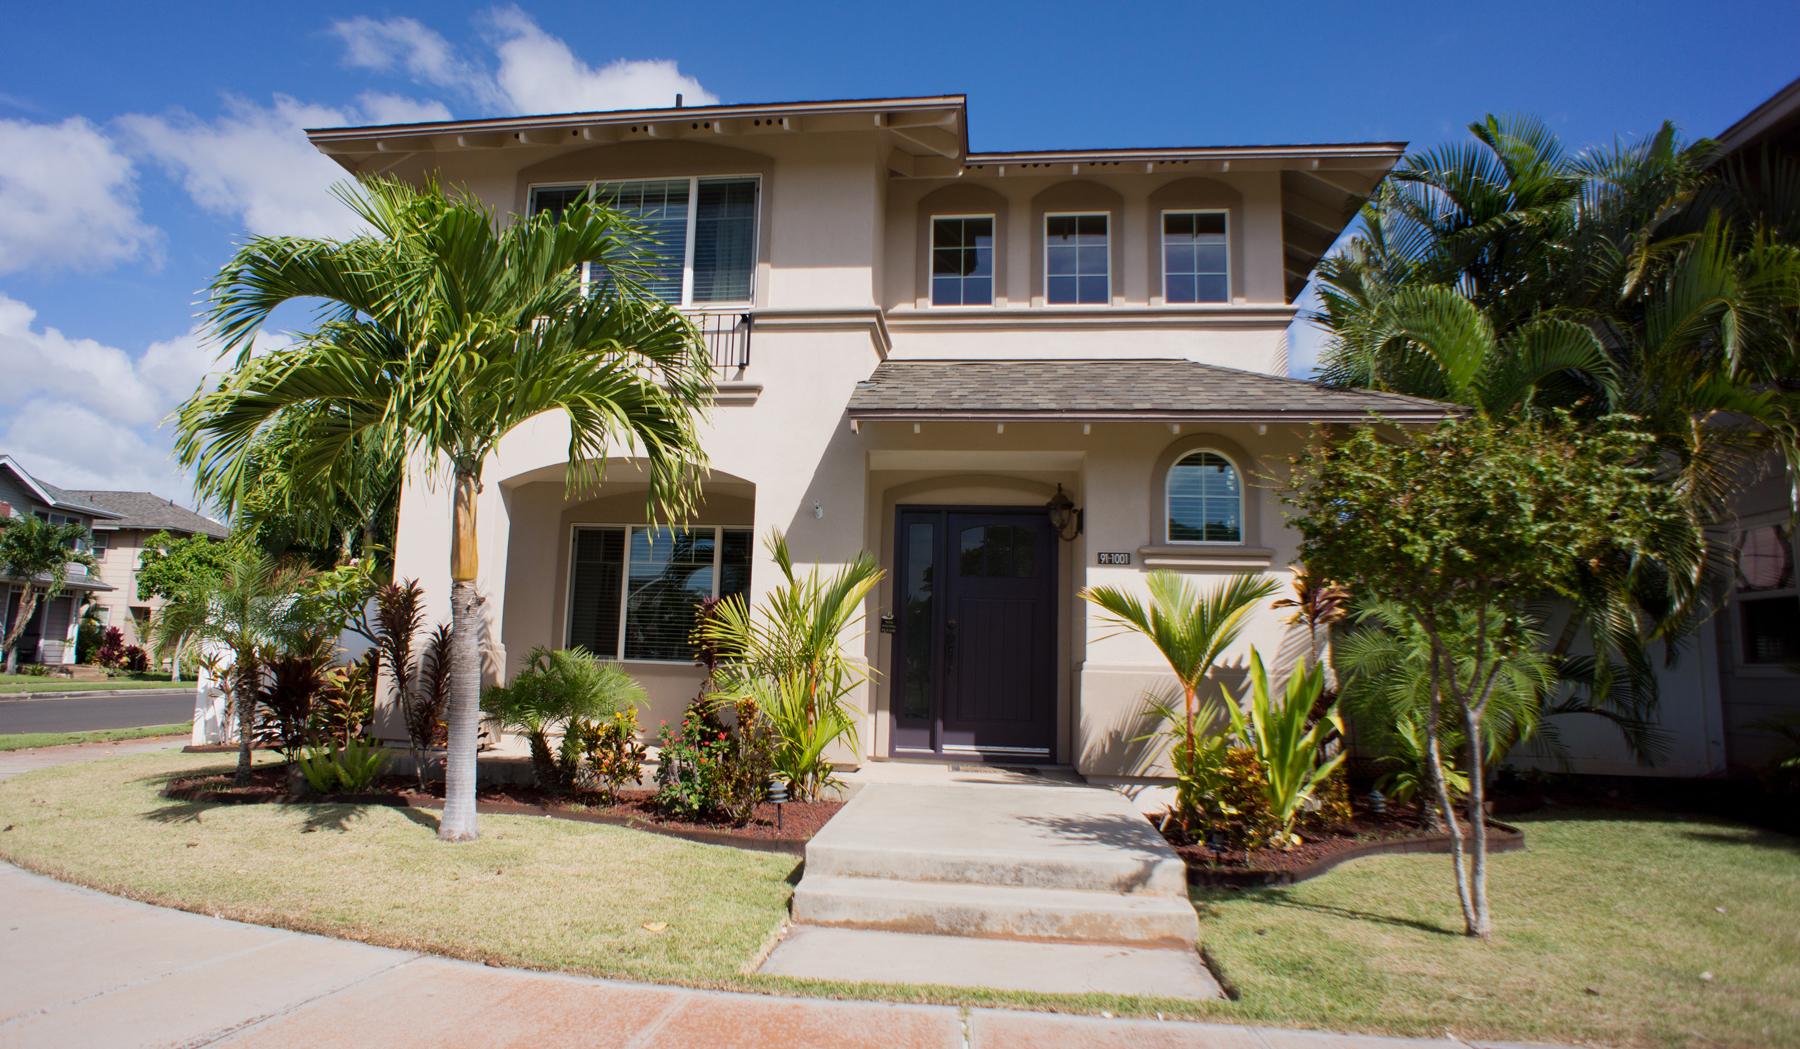 Maison unifamiliale pour l Vente à Casual Hideaway 91-1001 Kai Loli Street Ewa Beach, Hawaii 96706 États-Unis